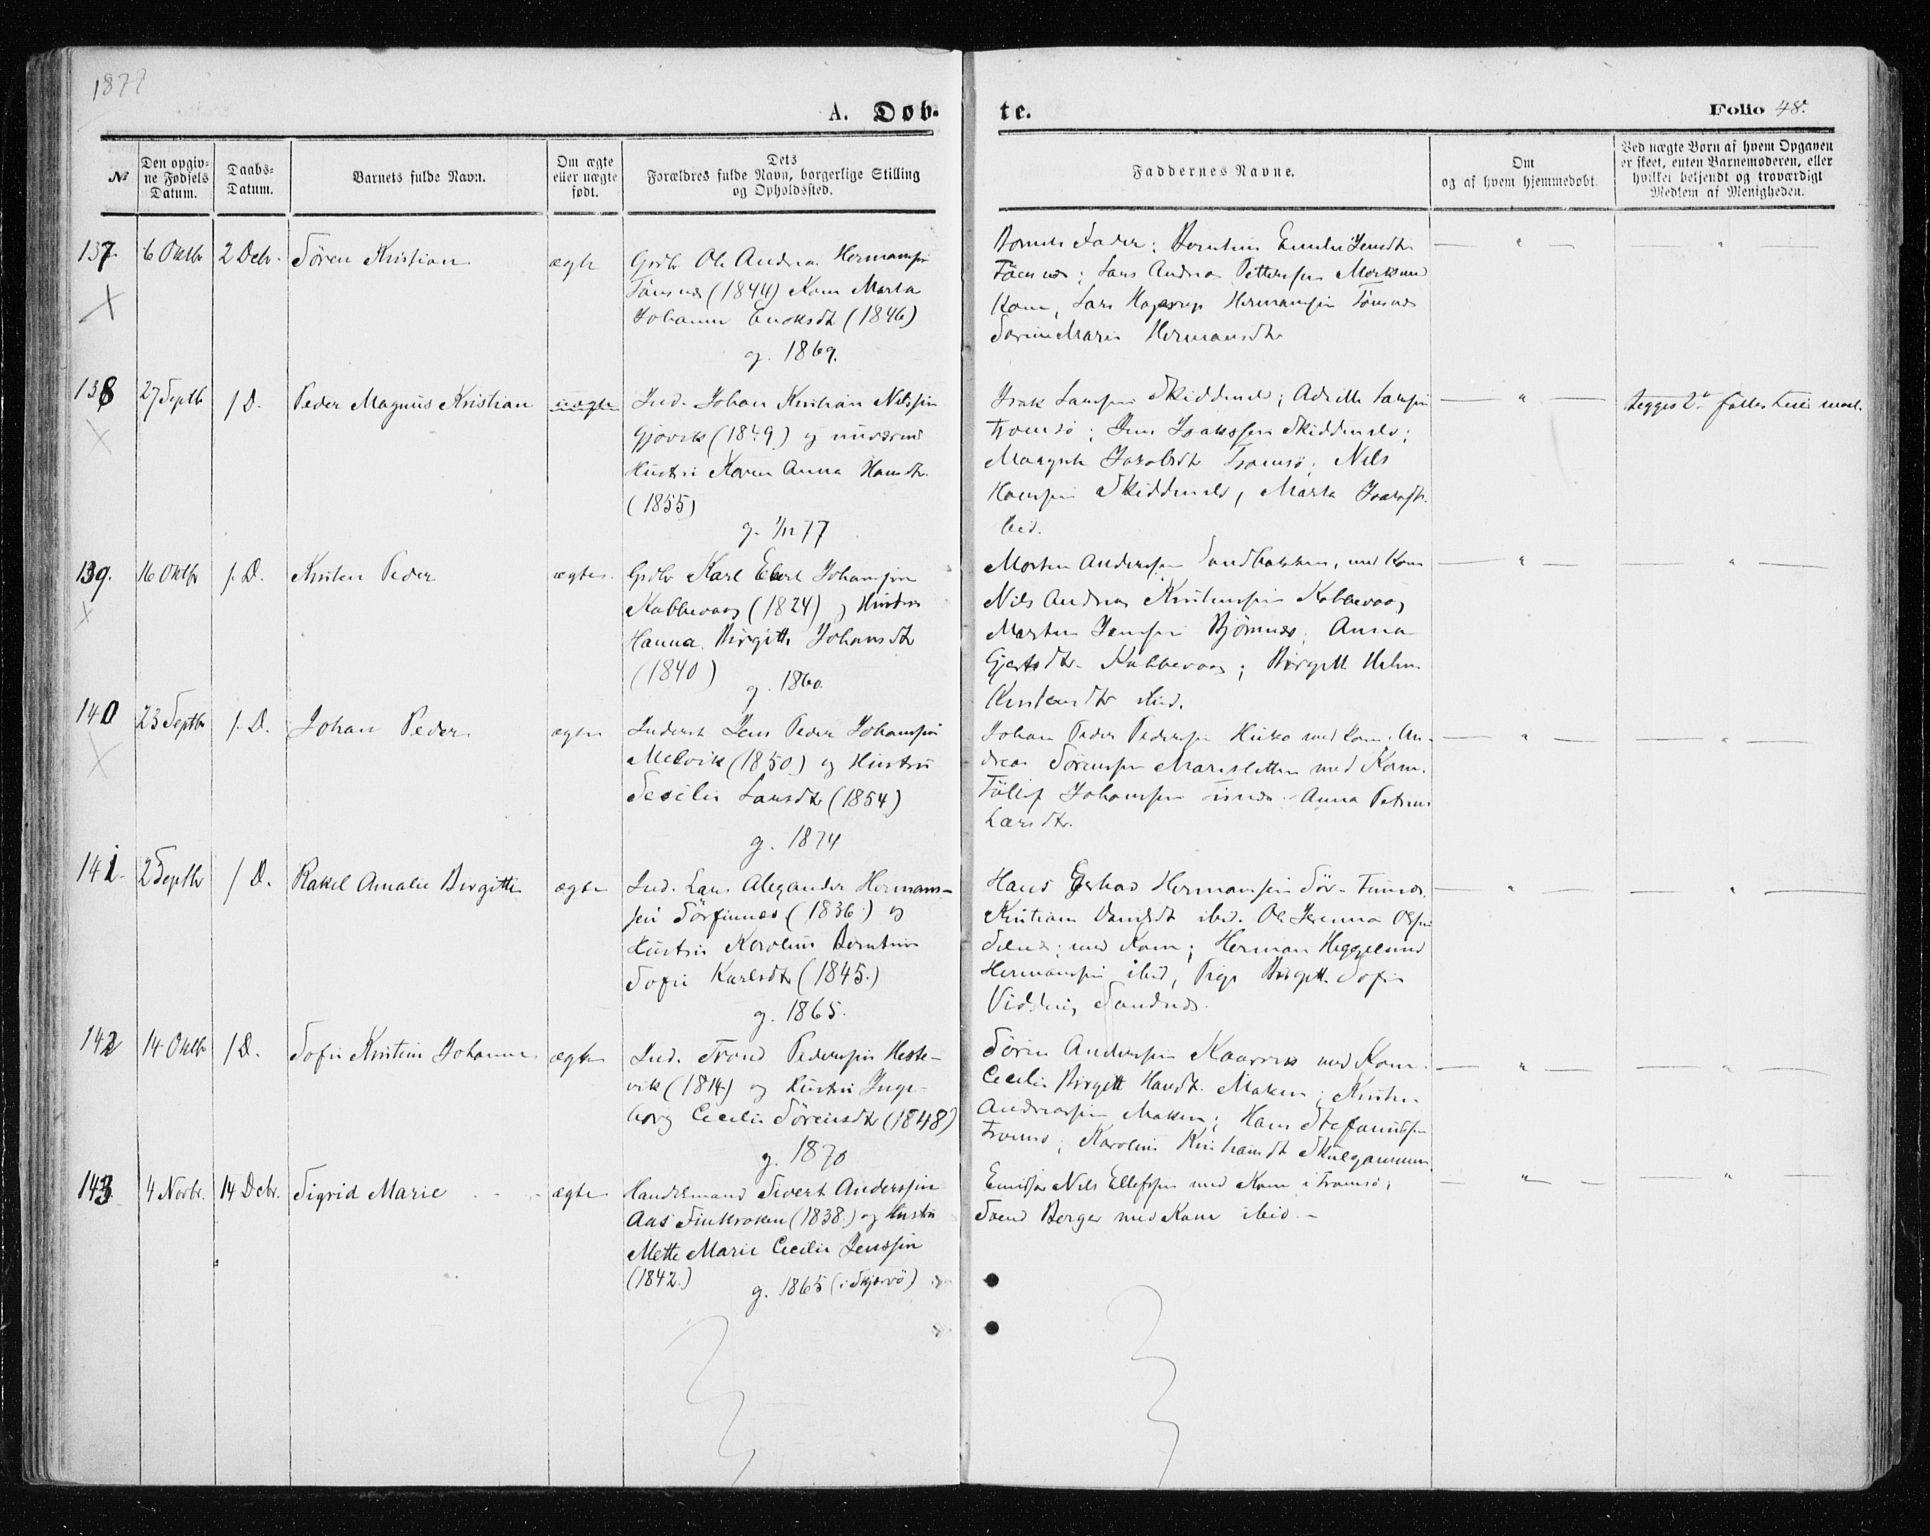 SATØ, Tromsøysund sokneprestkontor, G/Ga/L0003kirke: Ministerialbok nr. 3, 1875-1880, s. 48